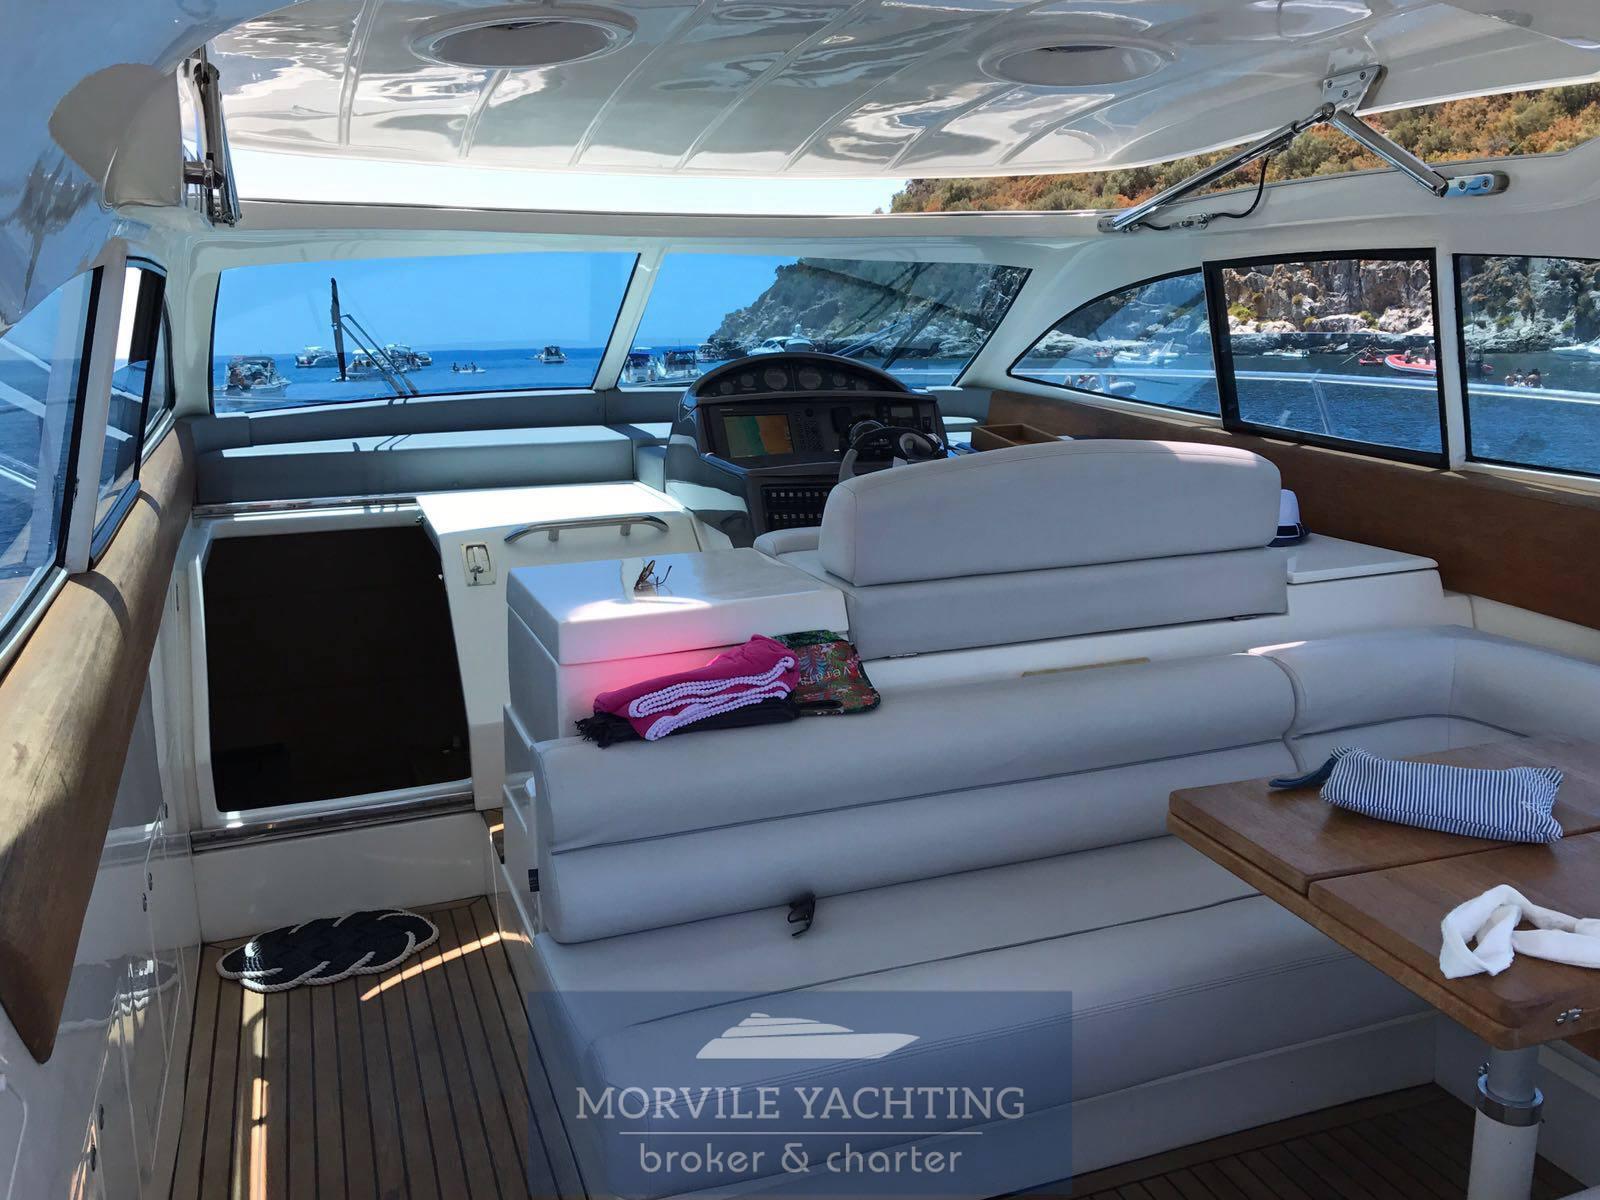 CONAM 46 ht Motorboot